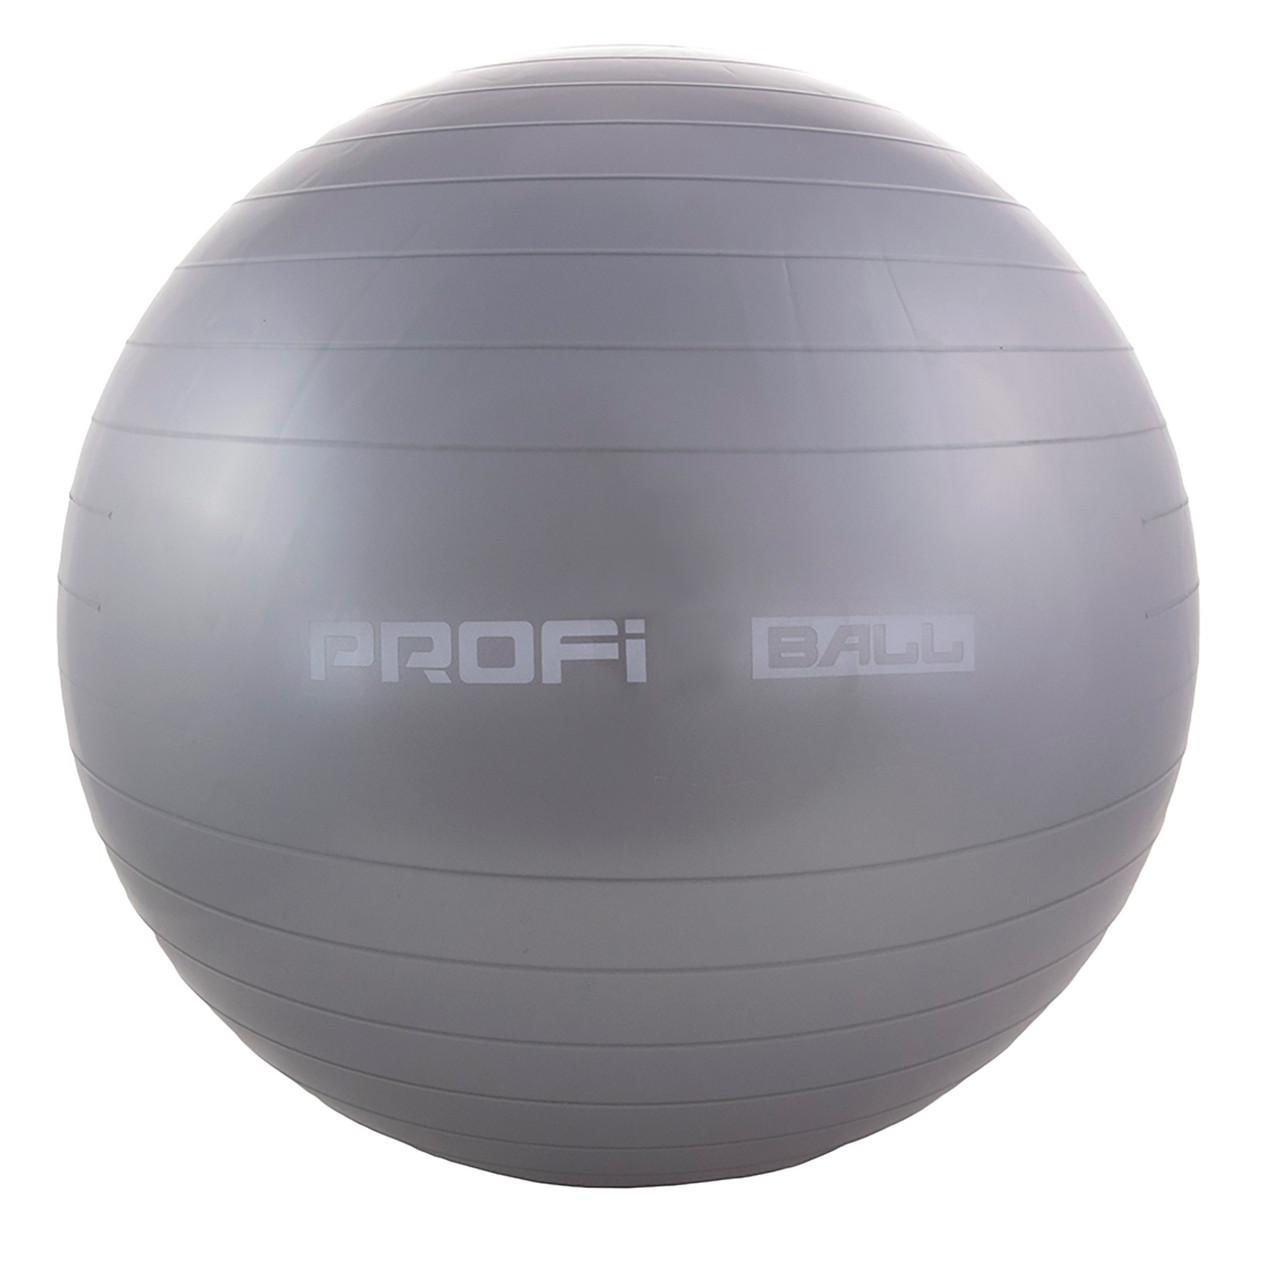 Фитбол детский (Мяч для фитнеса, гимнастический) глянец Profi 55 см Серый (M 0275)